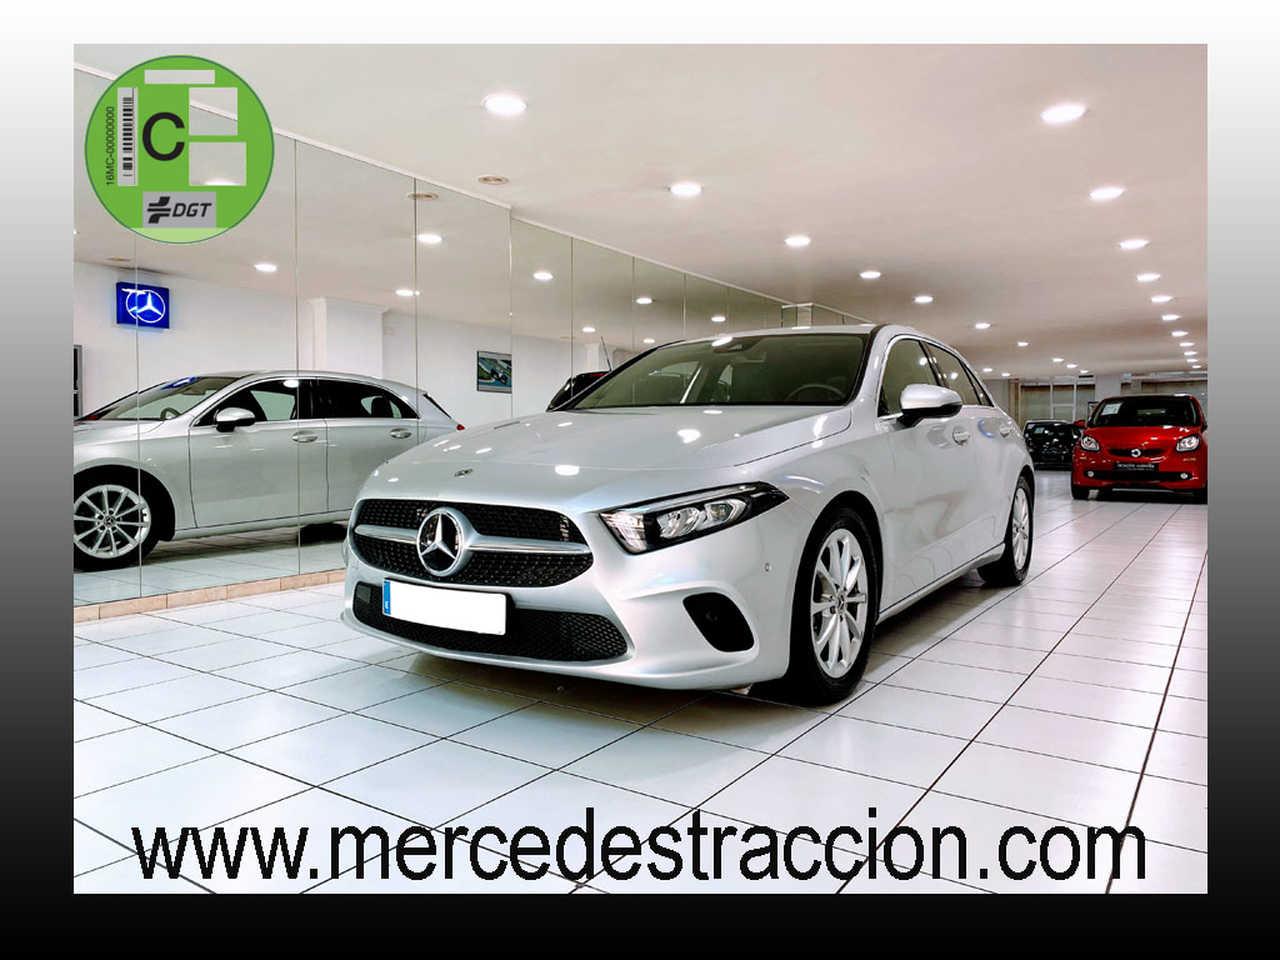 Mercedes Clase A 180 d 7G-DCT/Advantage/MBUX/Cuero   - Foto 1